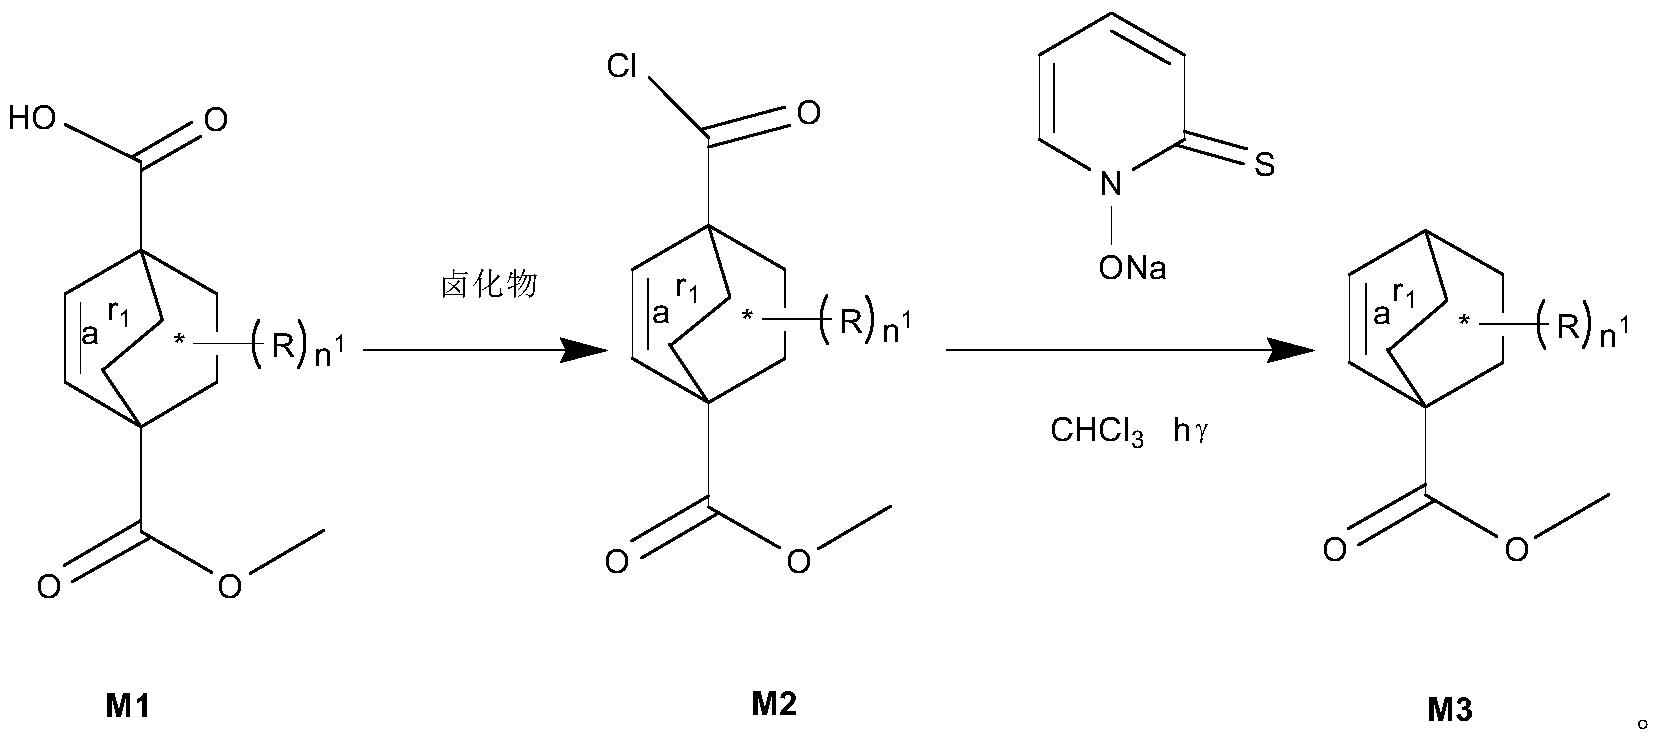 Figure PCTCN2017084604-appb-000052